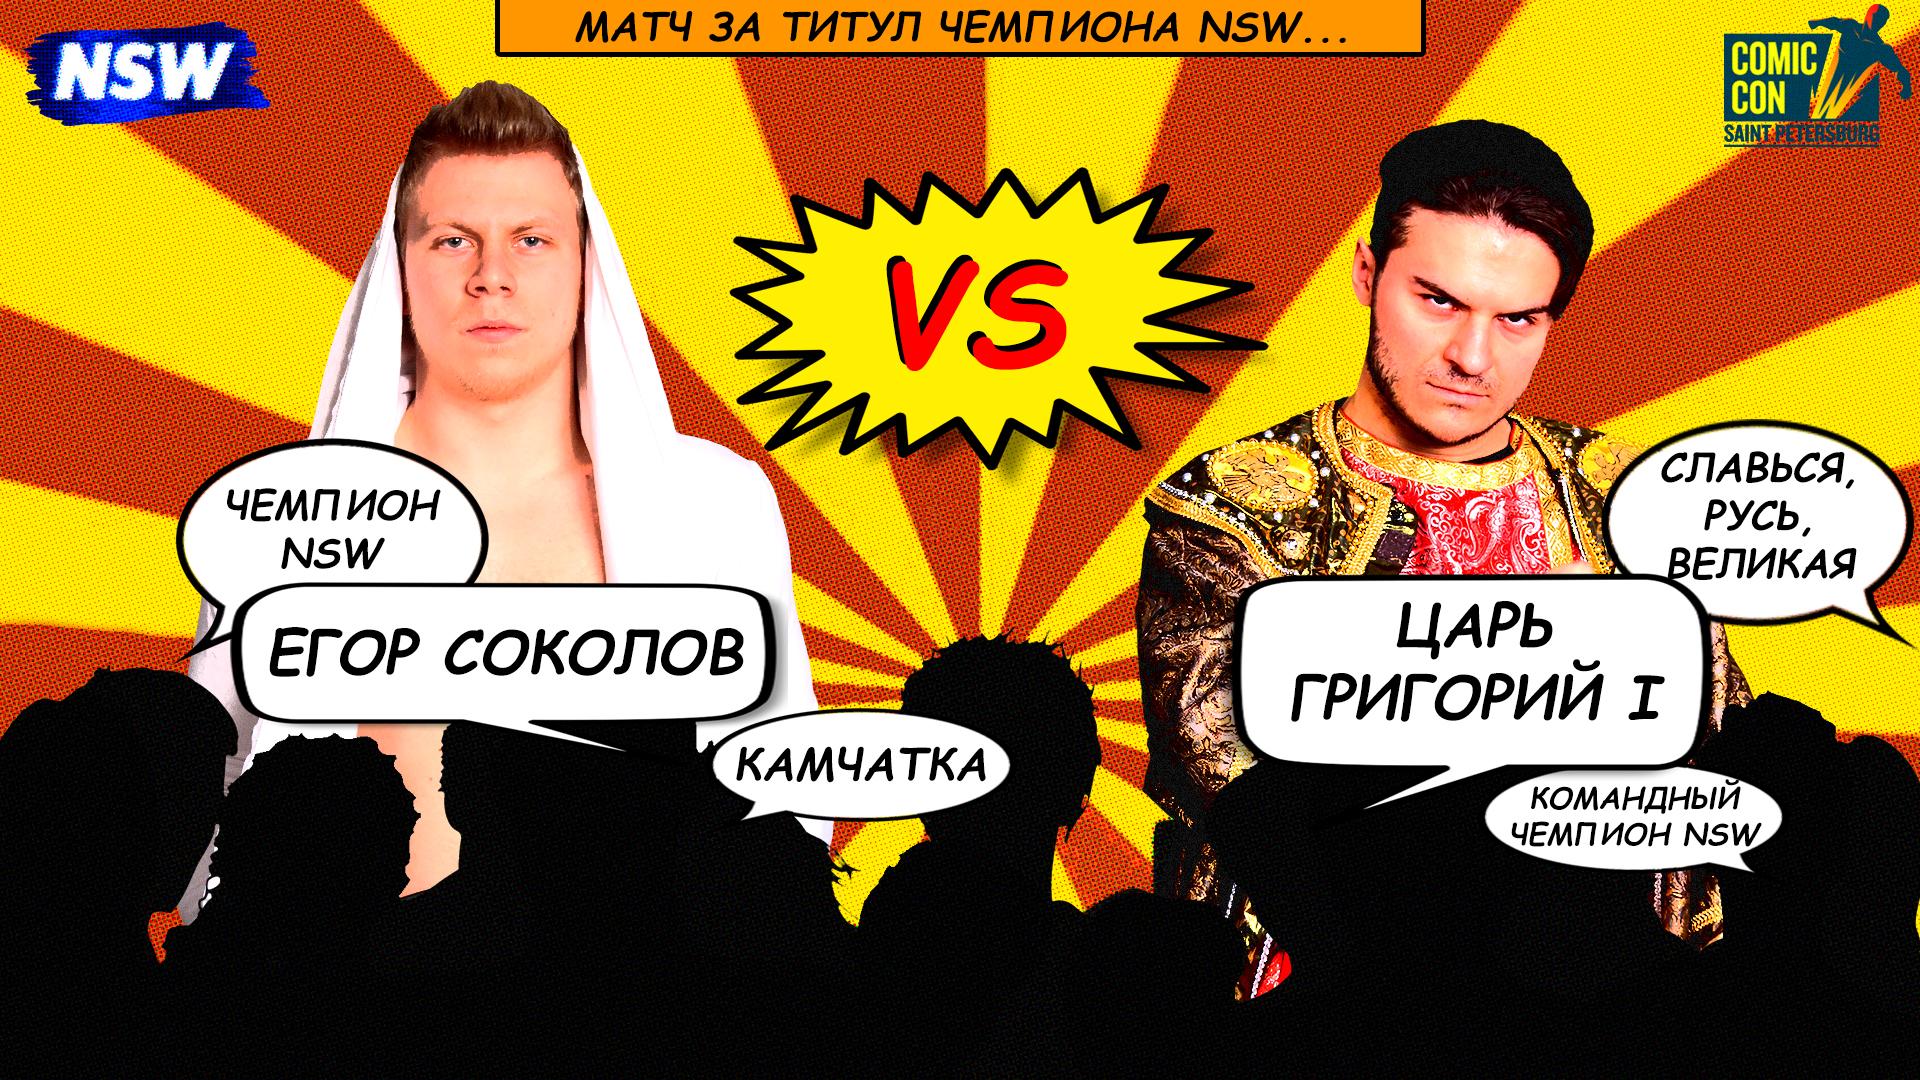 NSW Comic Con SPB 2016: Егор Соколов против Царя Григория I